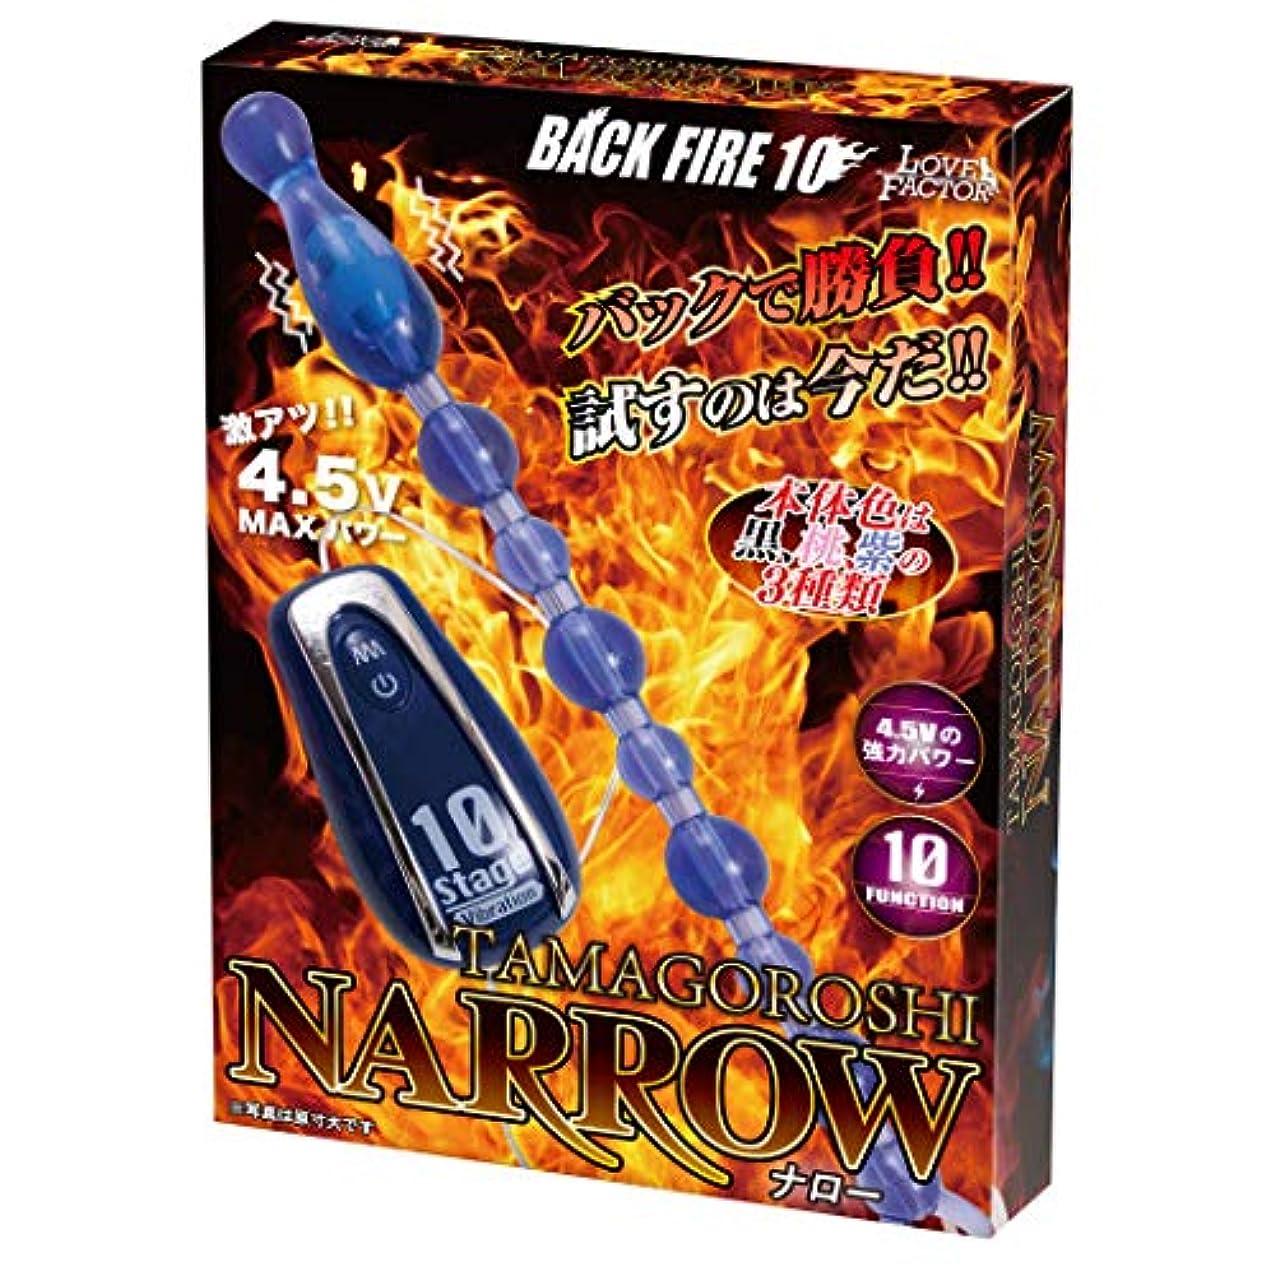 スナック急行する抵抗力があるBACK FIRE TAMAGOROSHI NARROW (ナロー) 紫 アナル拡張 アナル開発 プラグ SM調教 携帯式 野外プレー 男女兼用